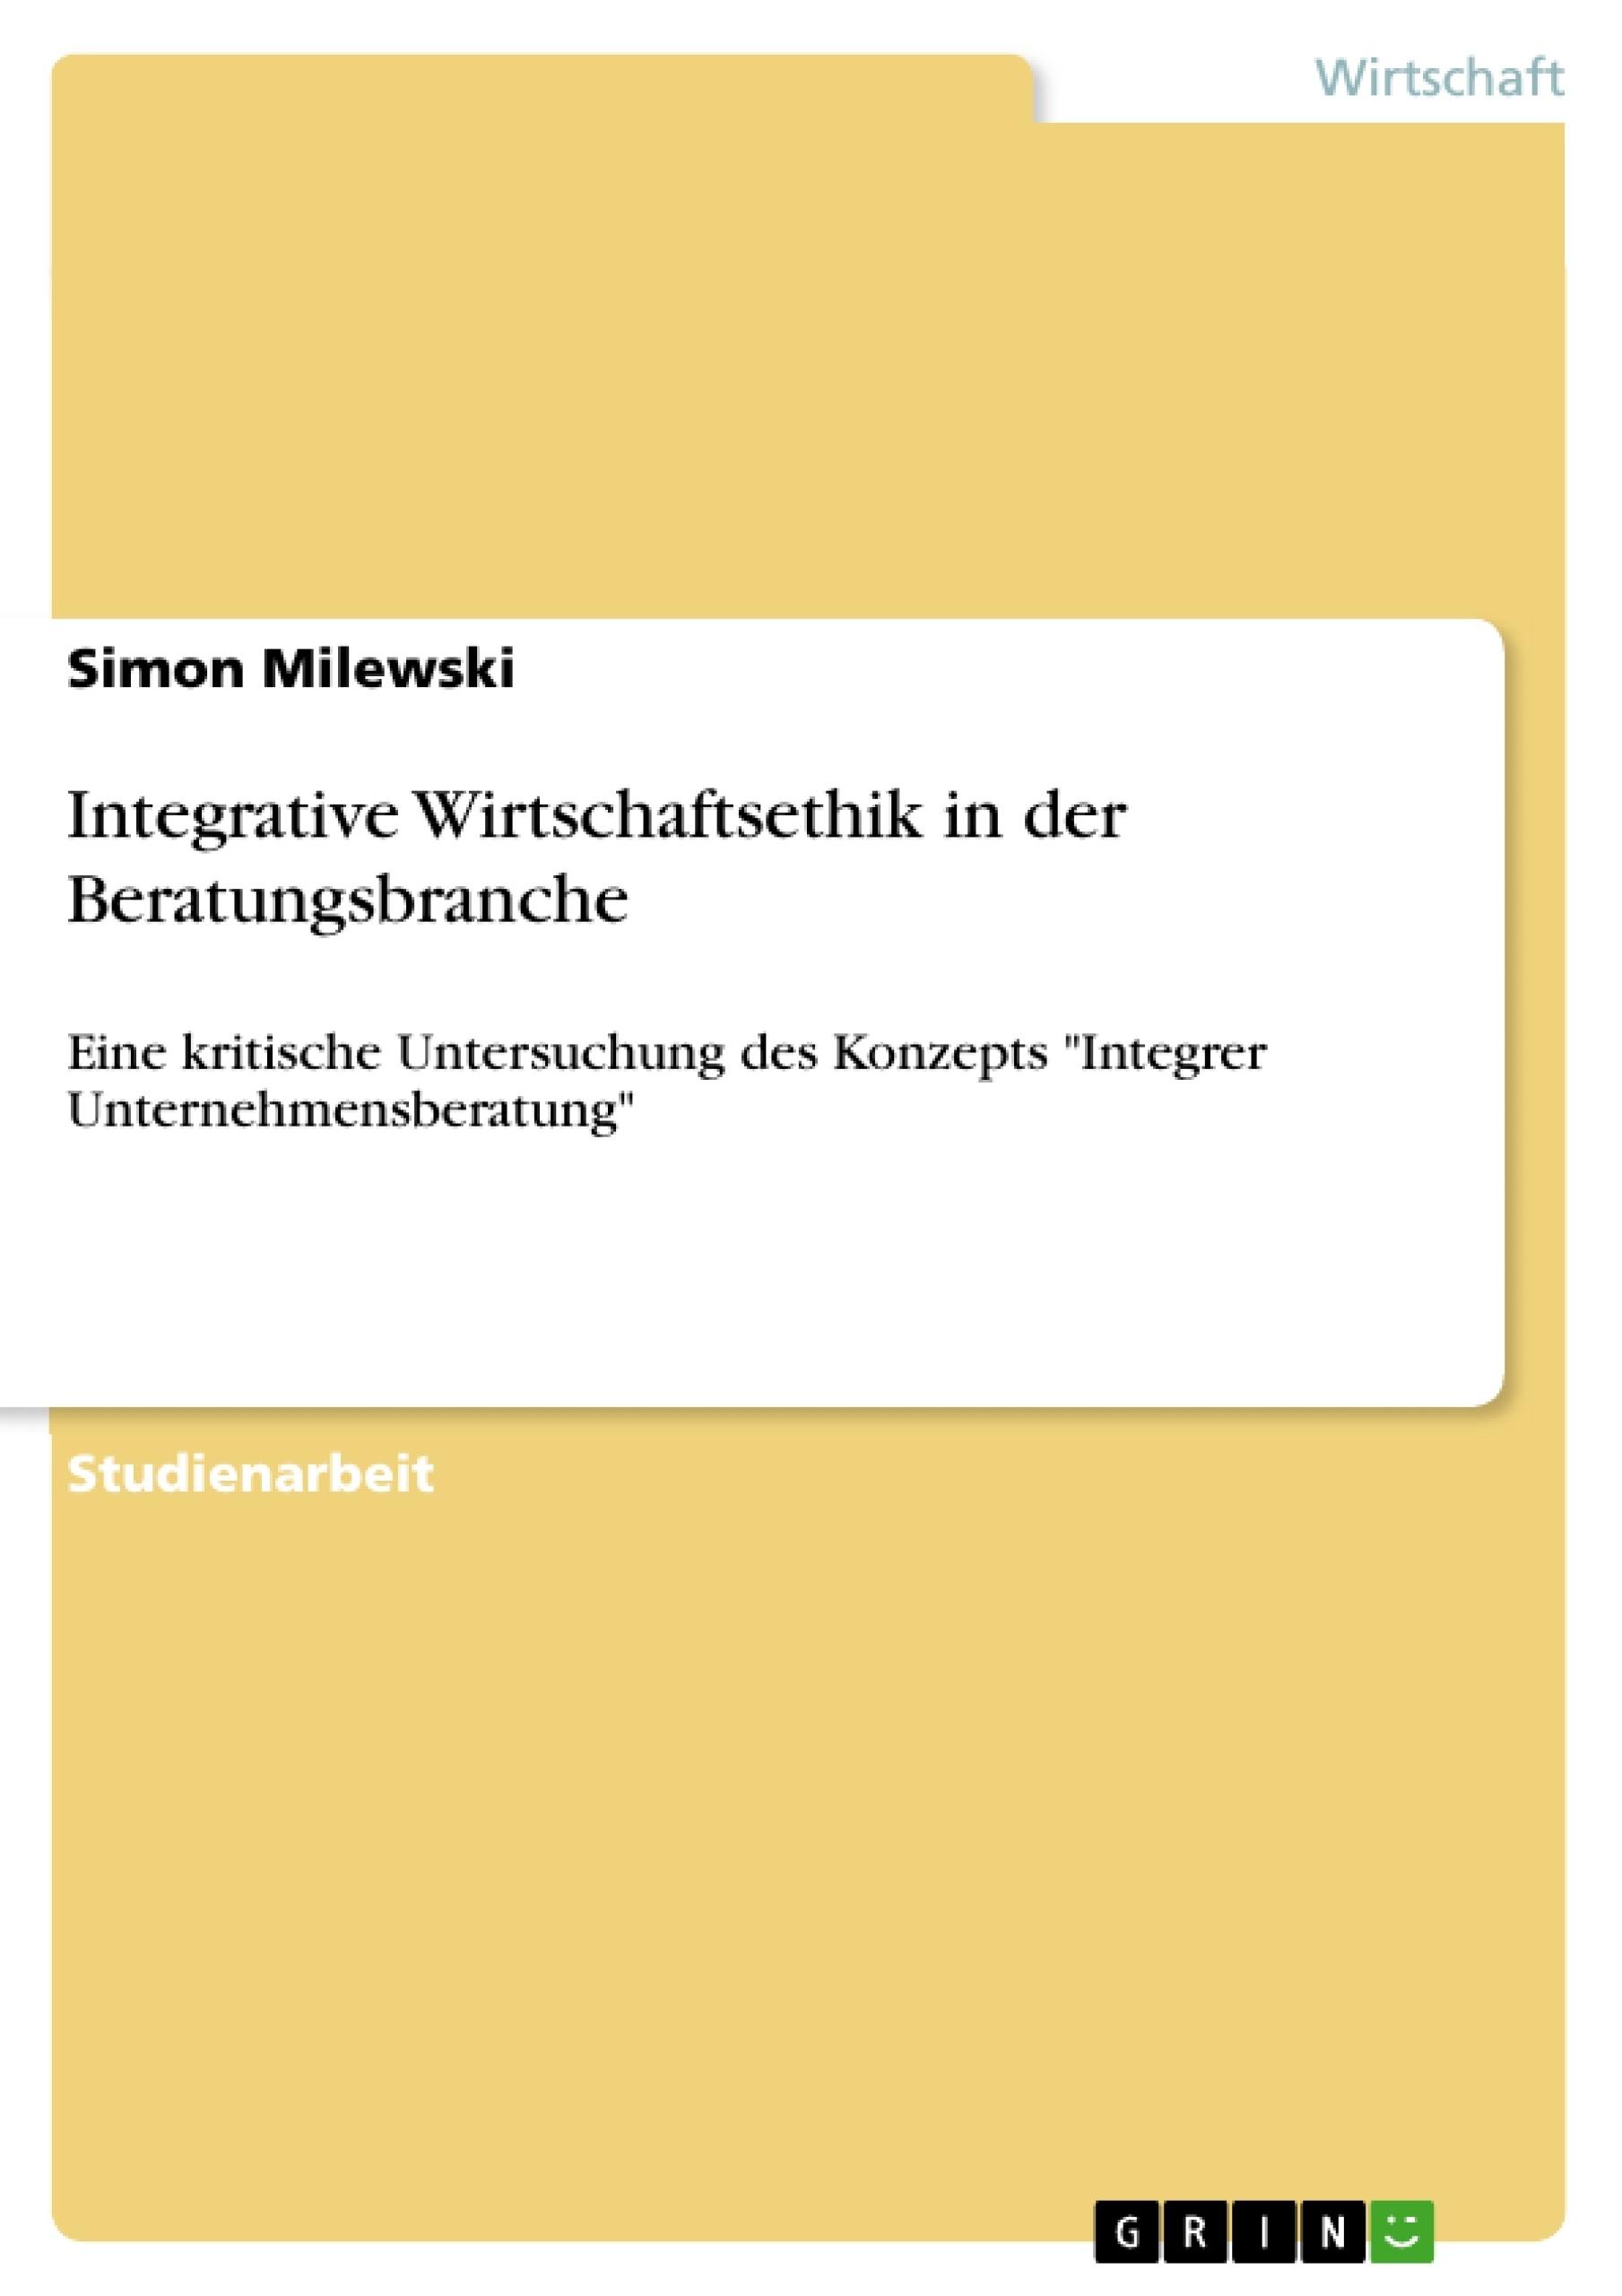 Titel: Integrative Wirtschaftsethik in der Beratungsbranche